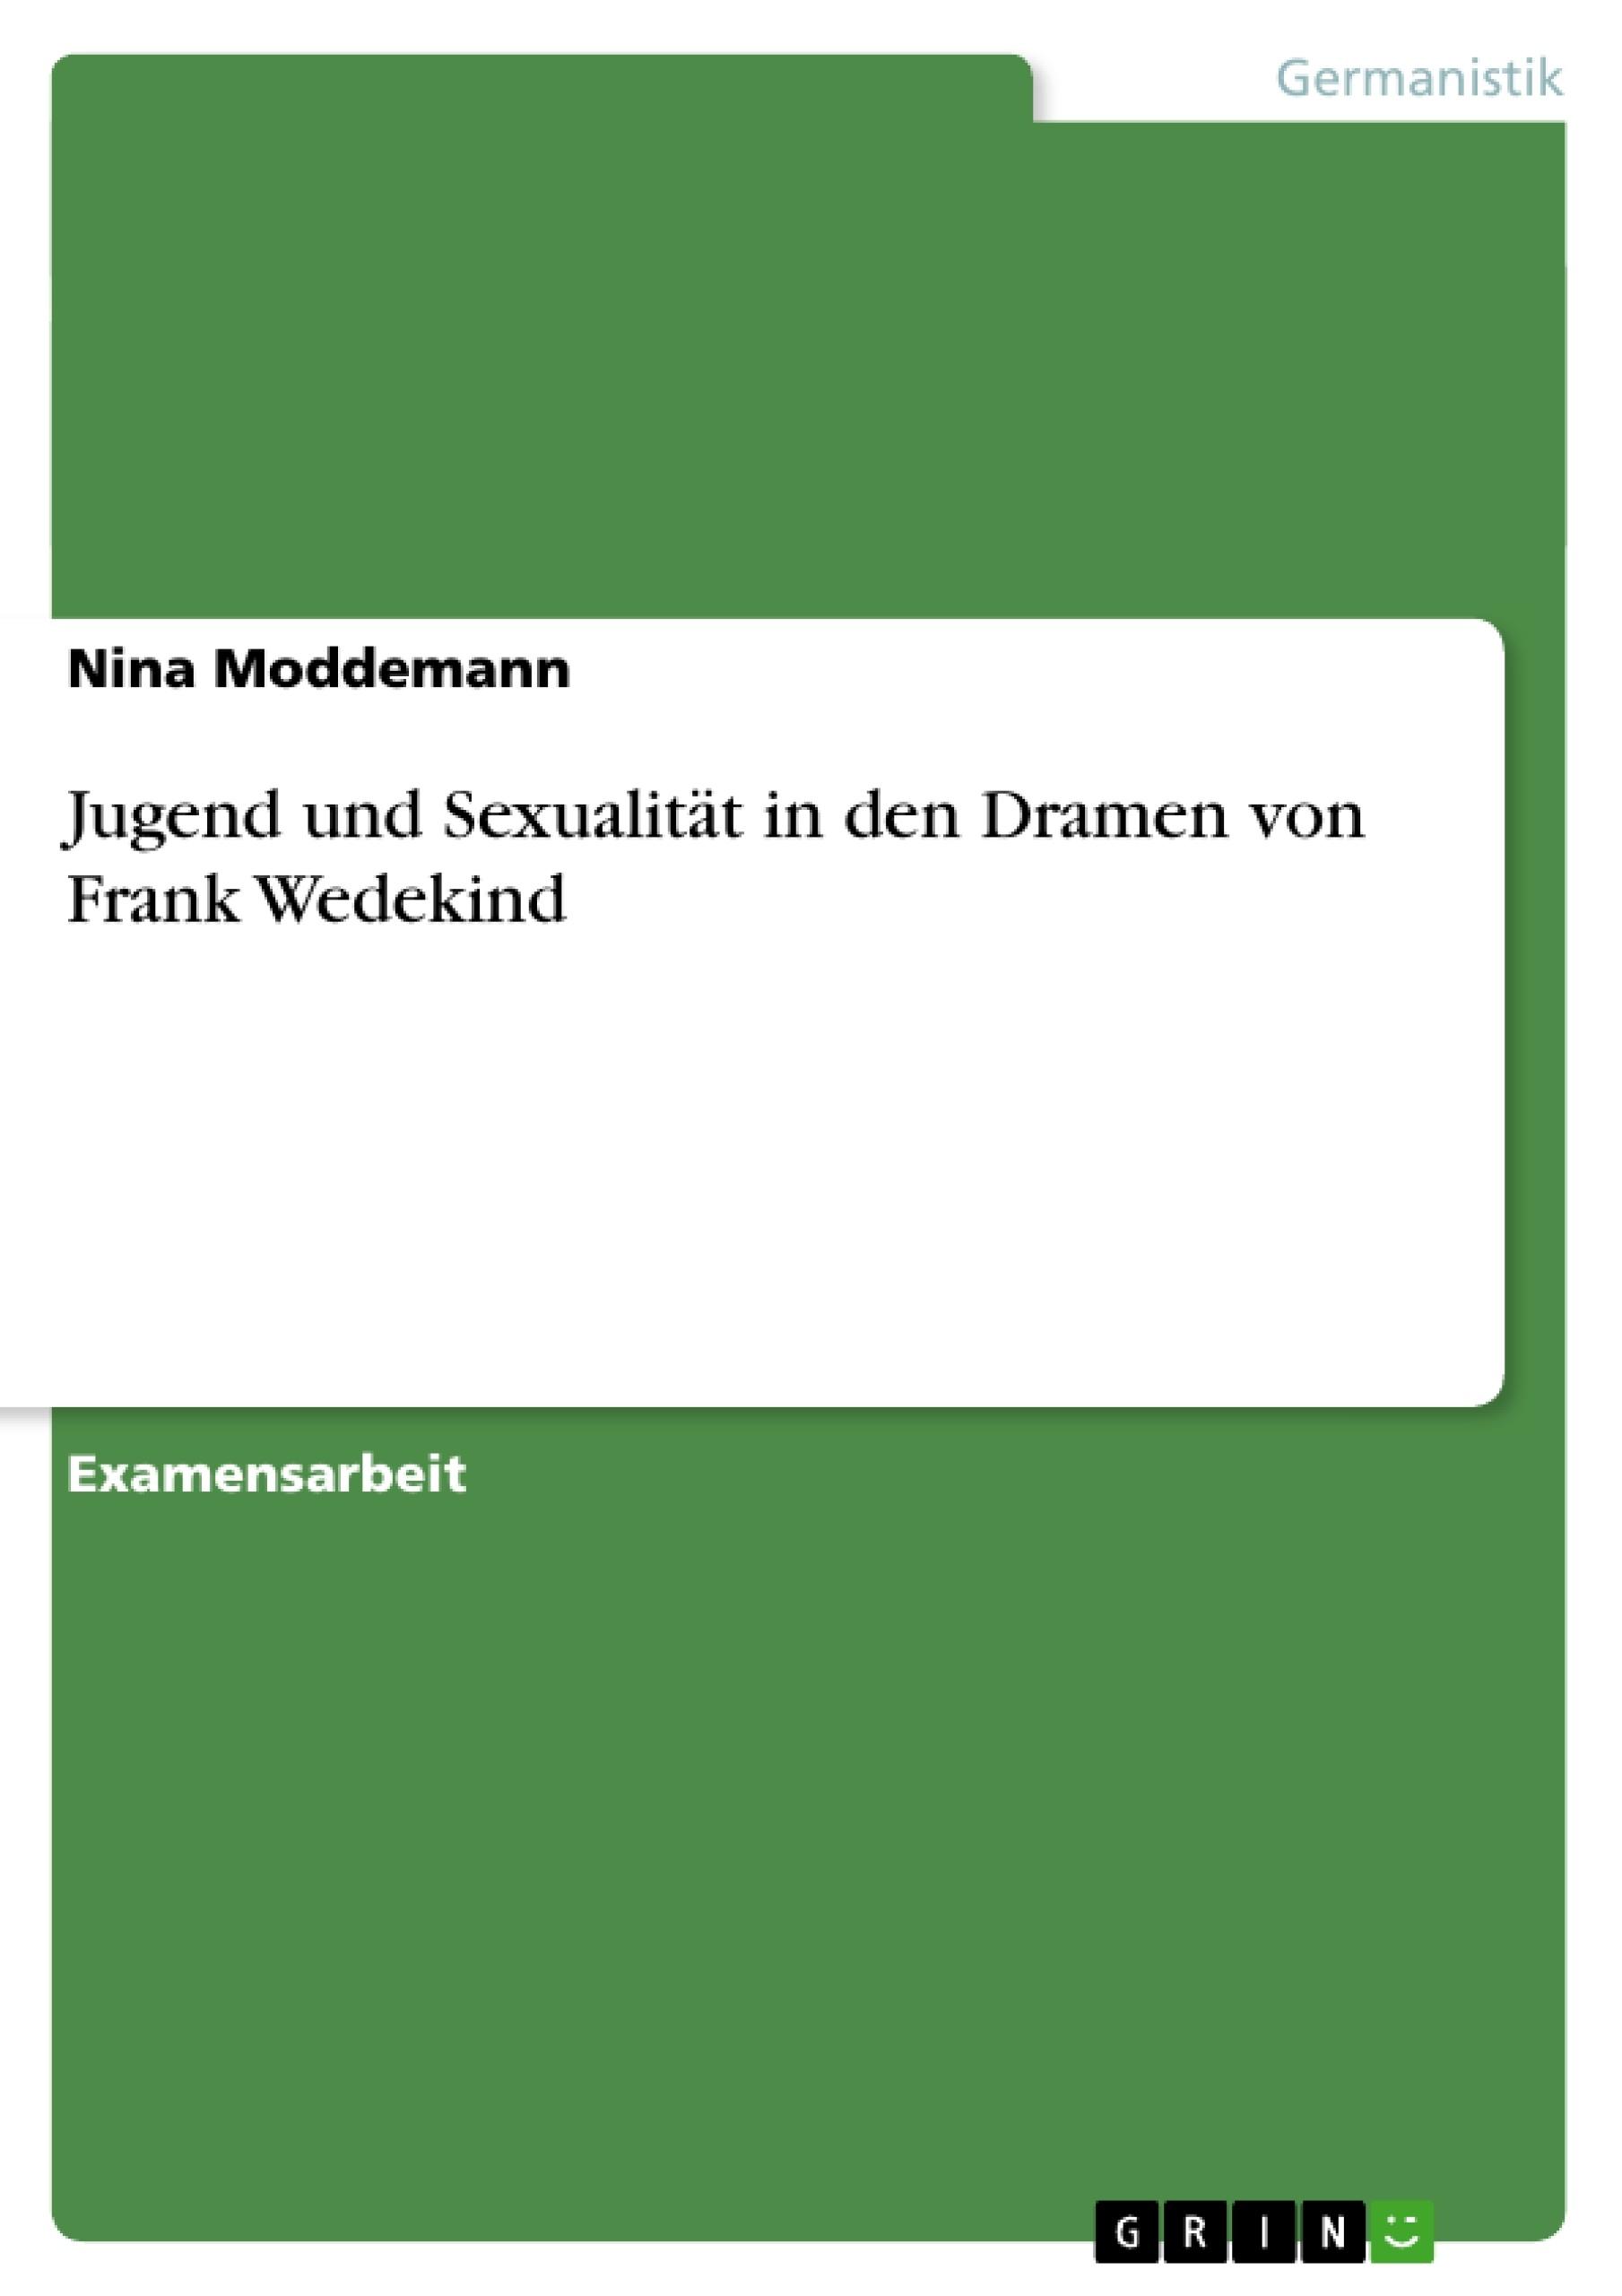 Titel: Jugend und Sexualität in den Dramen von Frank Wedekind